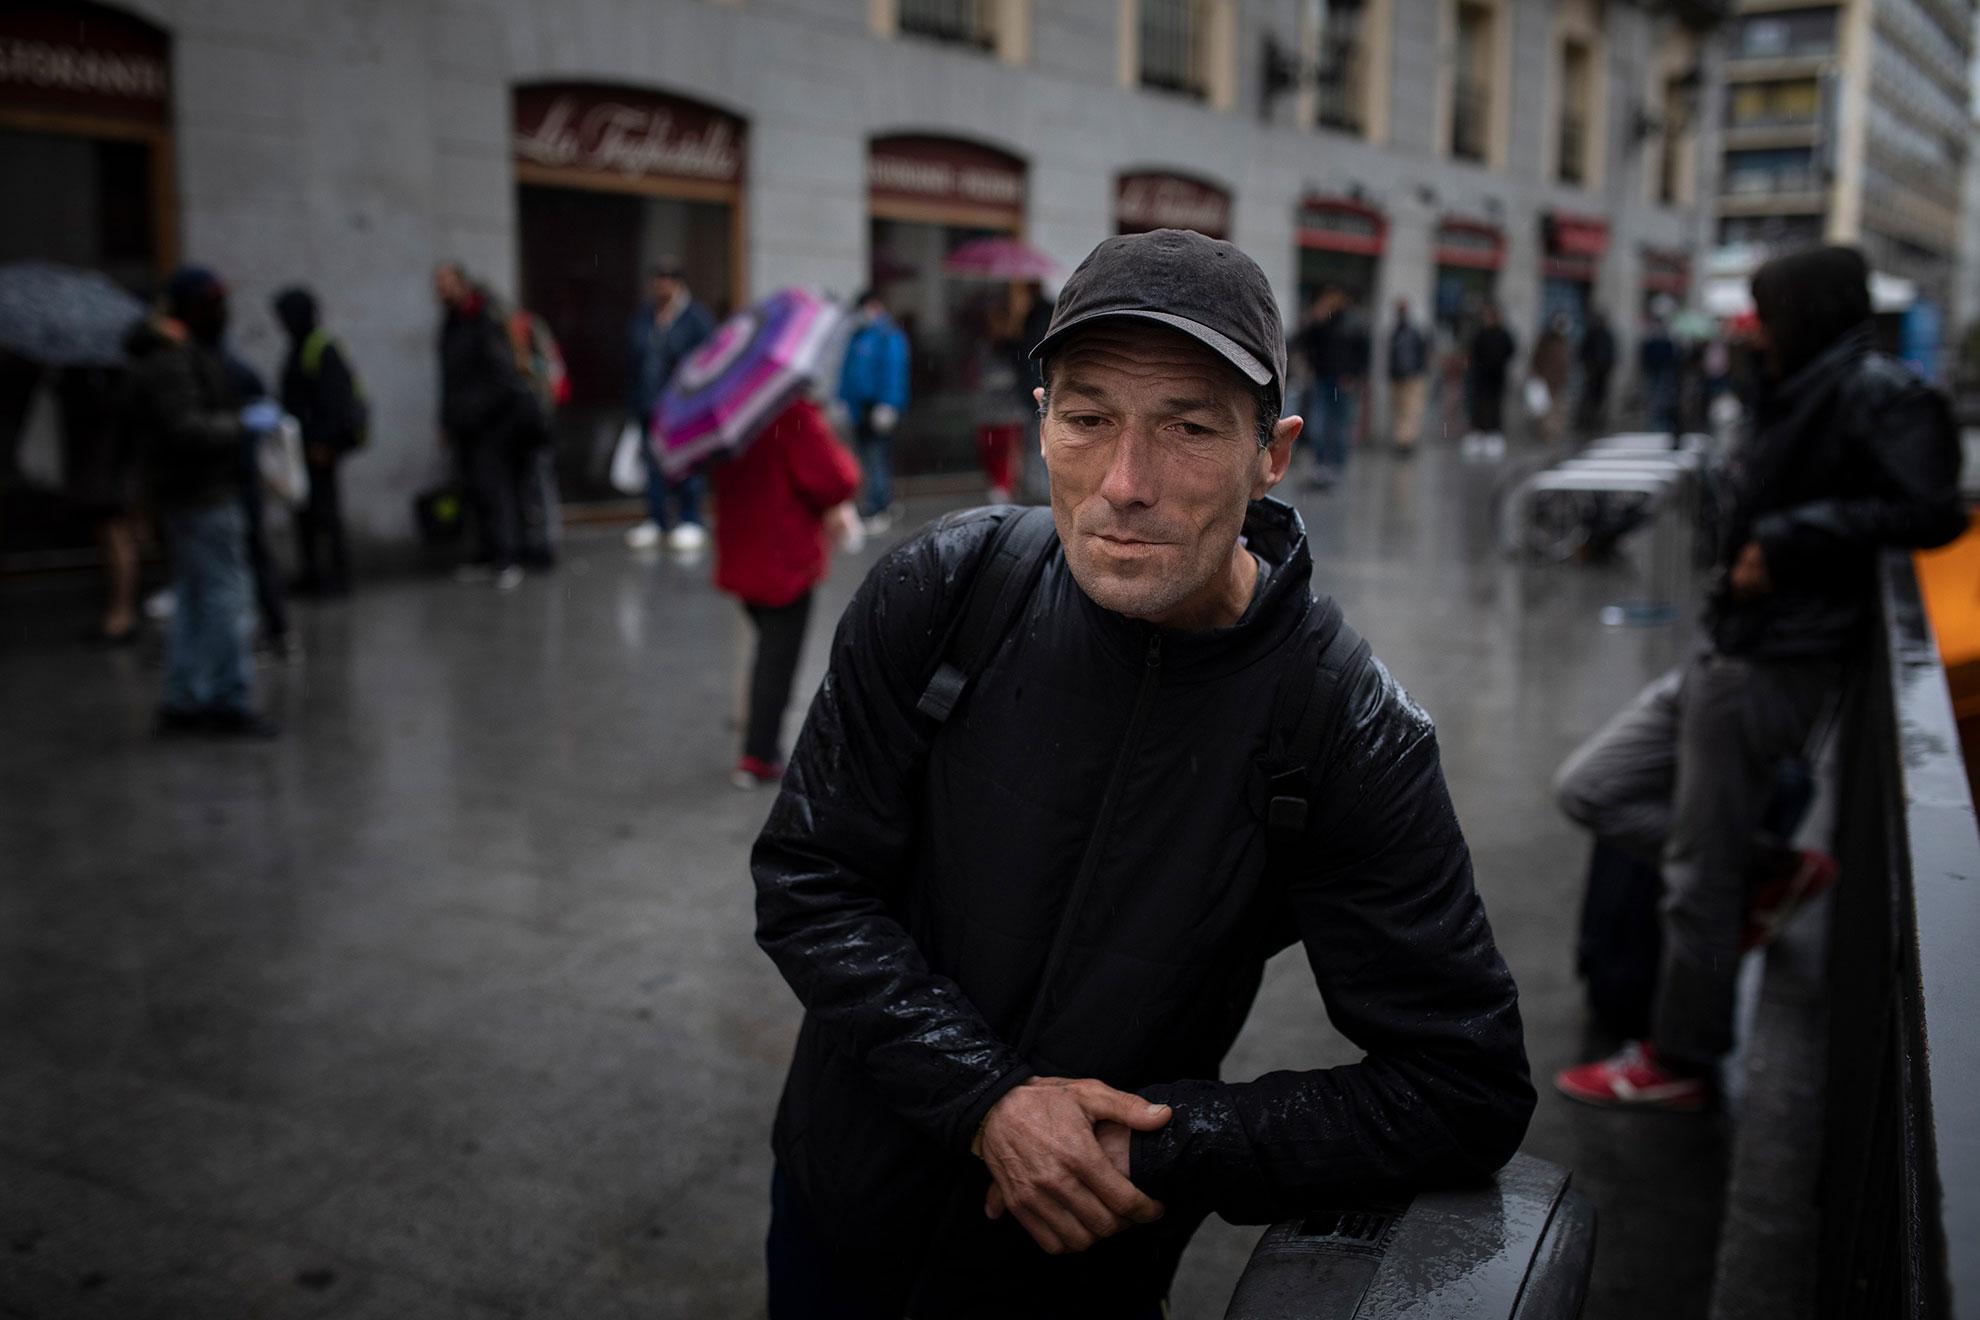 André (45) es de Rumanía. Carpintero de profesión, lleva 21 años viviendo en España. Hace unos meses le echaron de su casa por no poder pagar el alquiler, y el confinamiento le pilló viviendo en la calle. Pernocta cerca de Atocha, y por las mañanas va al comedor social que hay cerca de los Cines Ideal para poder desayunar. Hace seis años, él trabajaba como voluntario en uno de estos comedores, gestionado por Cáritas en el barrio de O'Donnell. Ironías de la vida. Se queda en silencio al preguntarle a quién echa más de menos estos días… André no tiene familia, es viudo y sus padres ya fallecieron. Ahora espera que el Covid-19 deje de paralizar nuestras vidas, para buscar de nuevo un trabajo.